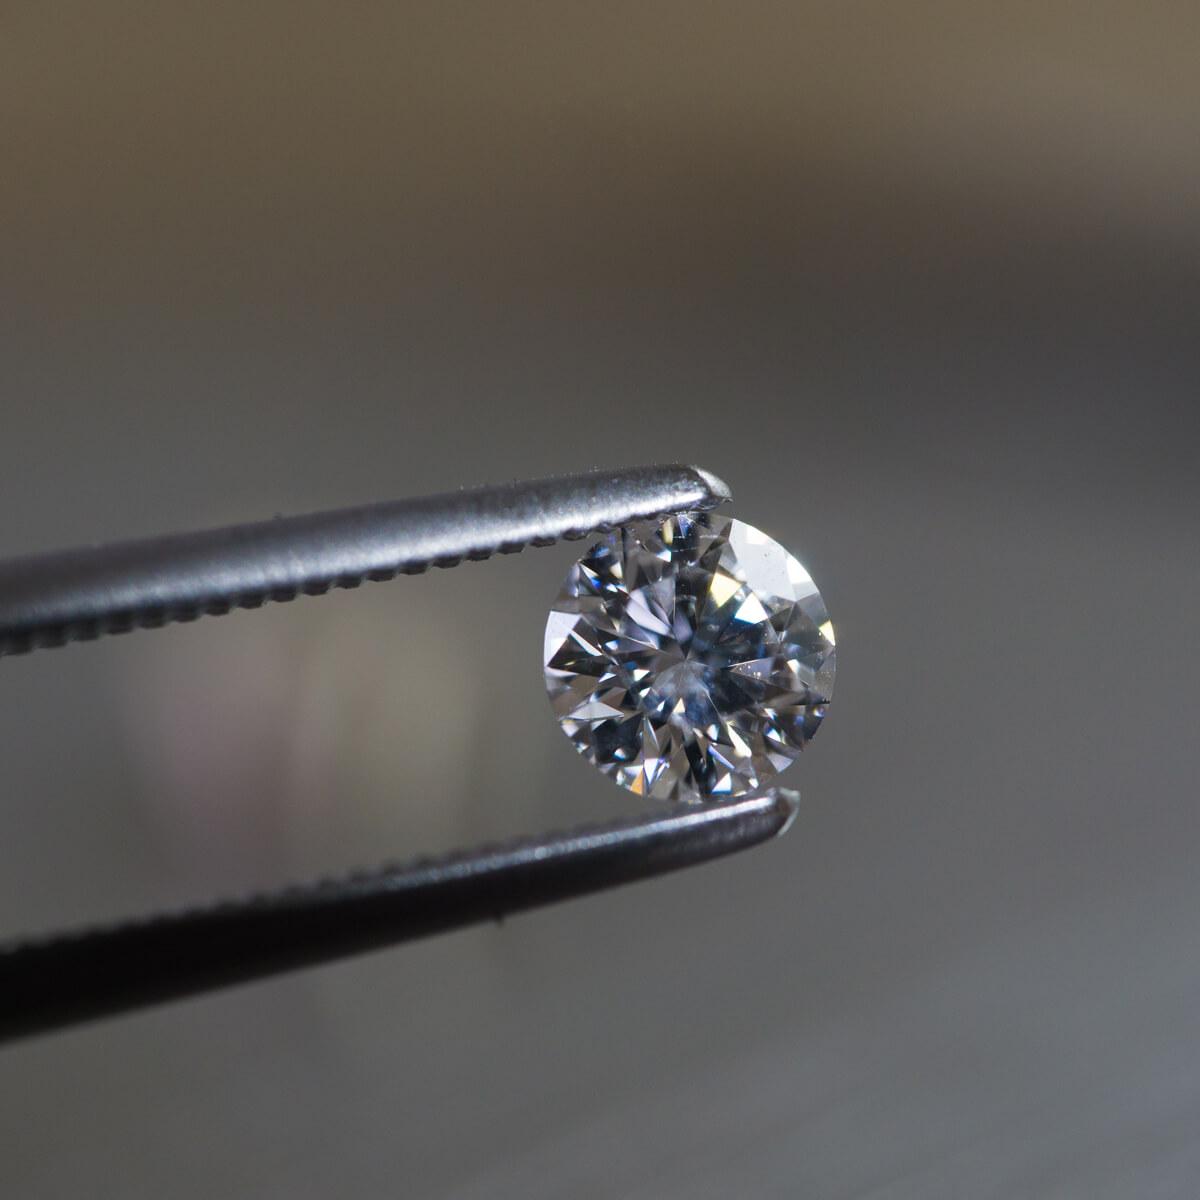 ジュエリーのアトリエ ダイヤモンド、ピンセット オーダーメイドマリッジリングの素材 屋久島でつくる結婚指輪